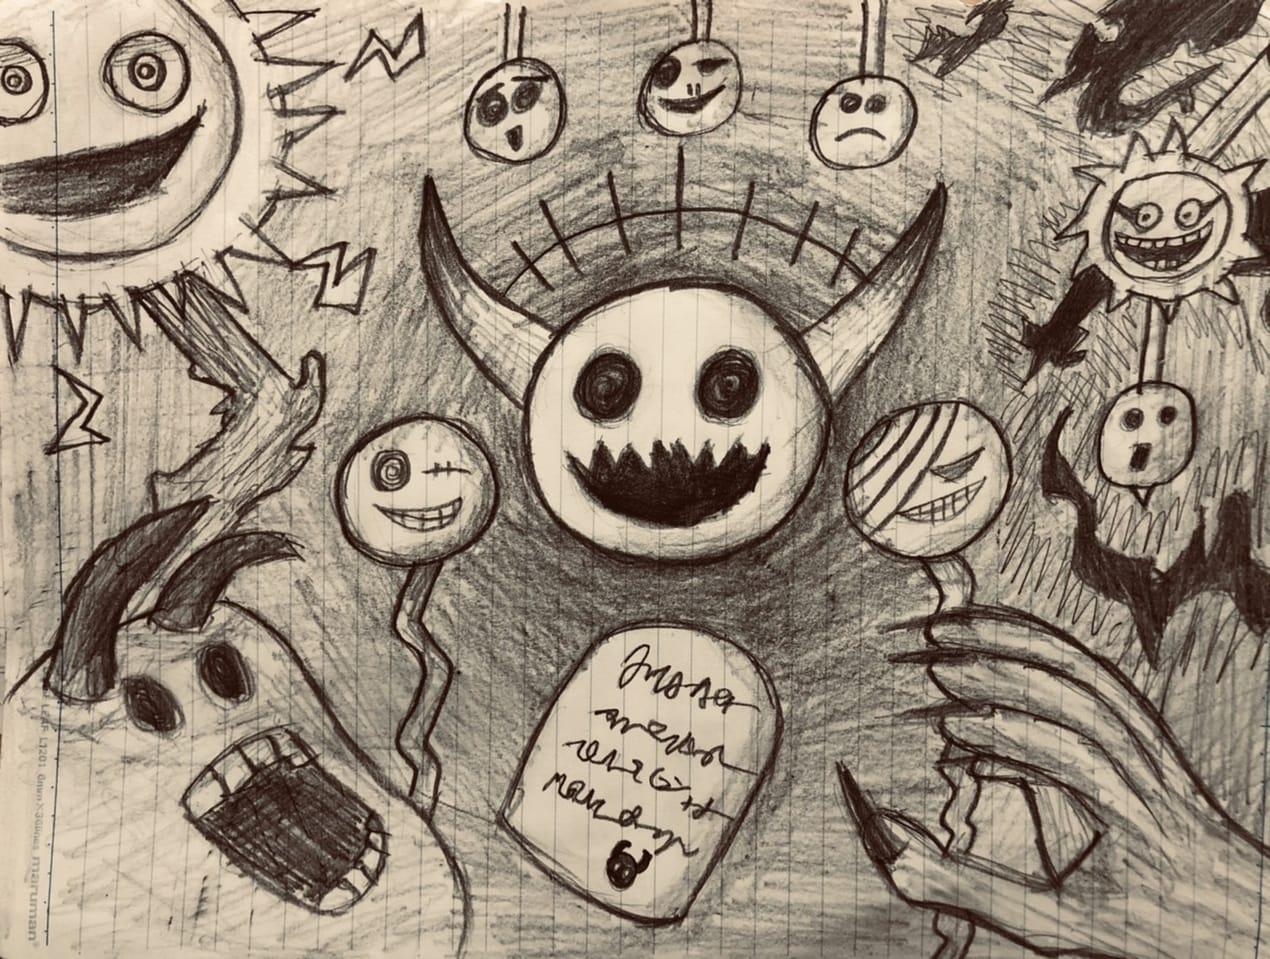 落書きたち Illust of けんせい#アナログ同盟 doodle アナログ てきとうならくがき original illustration AnalogDrawing ホラー風